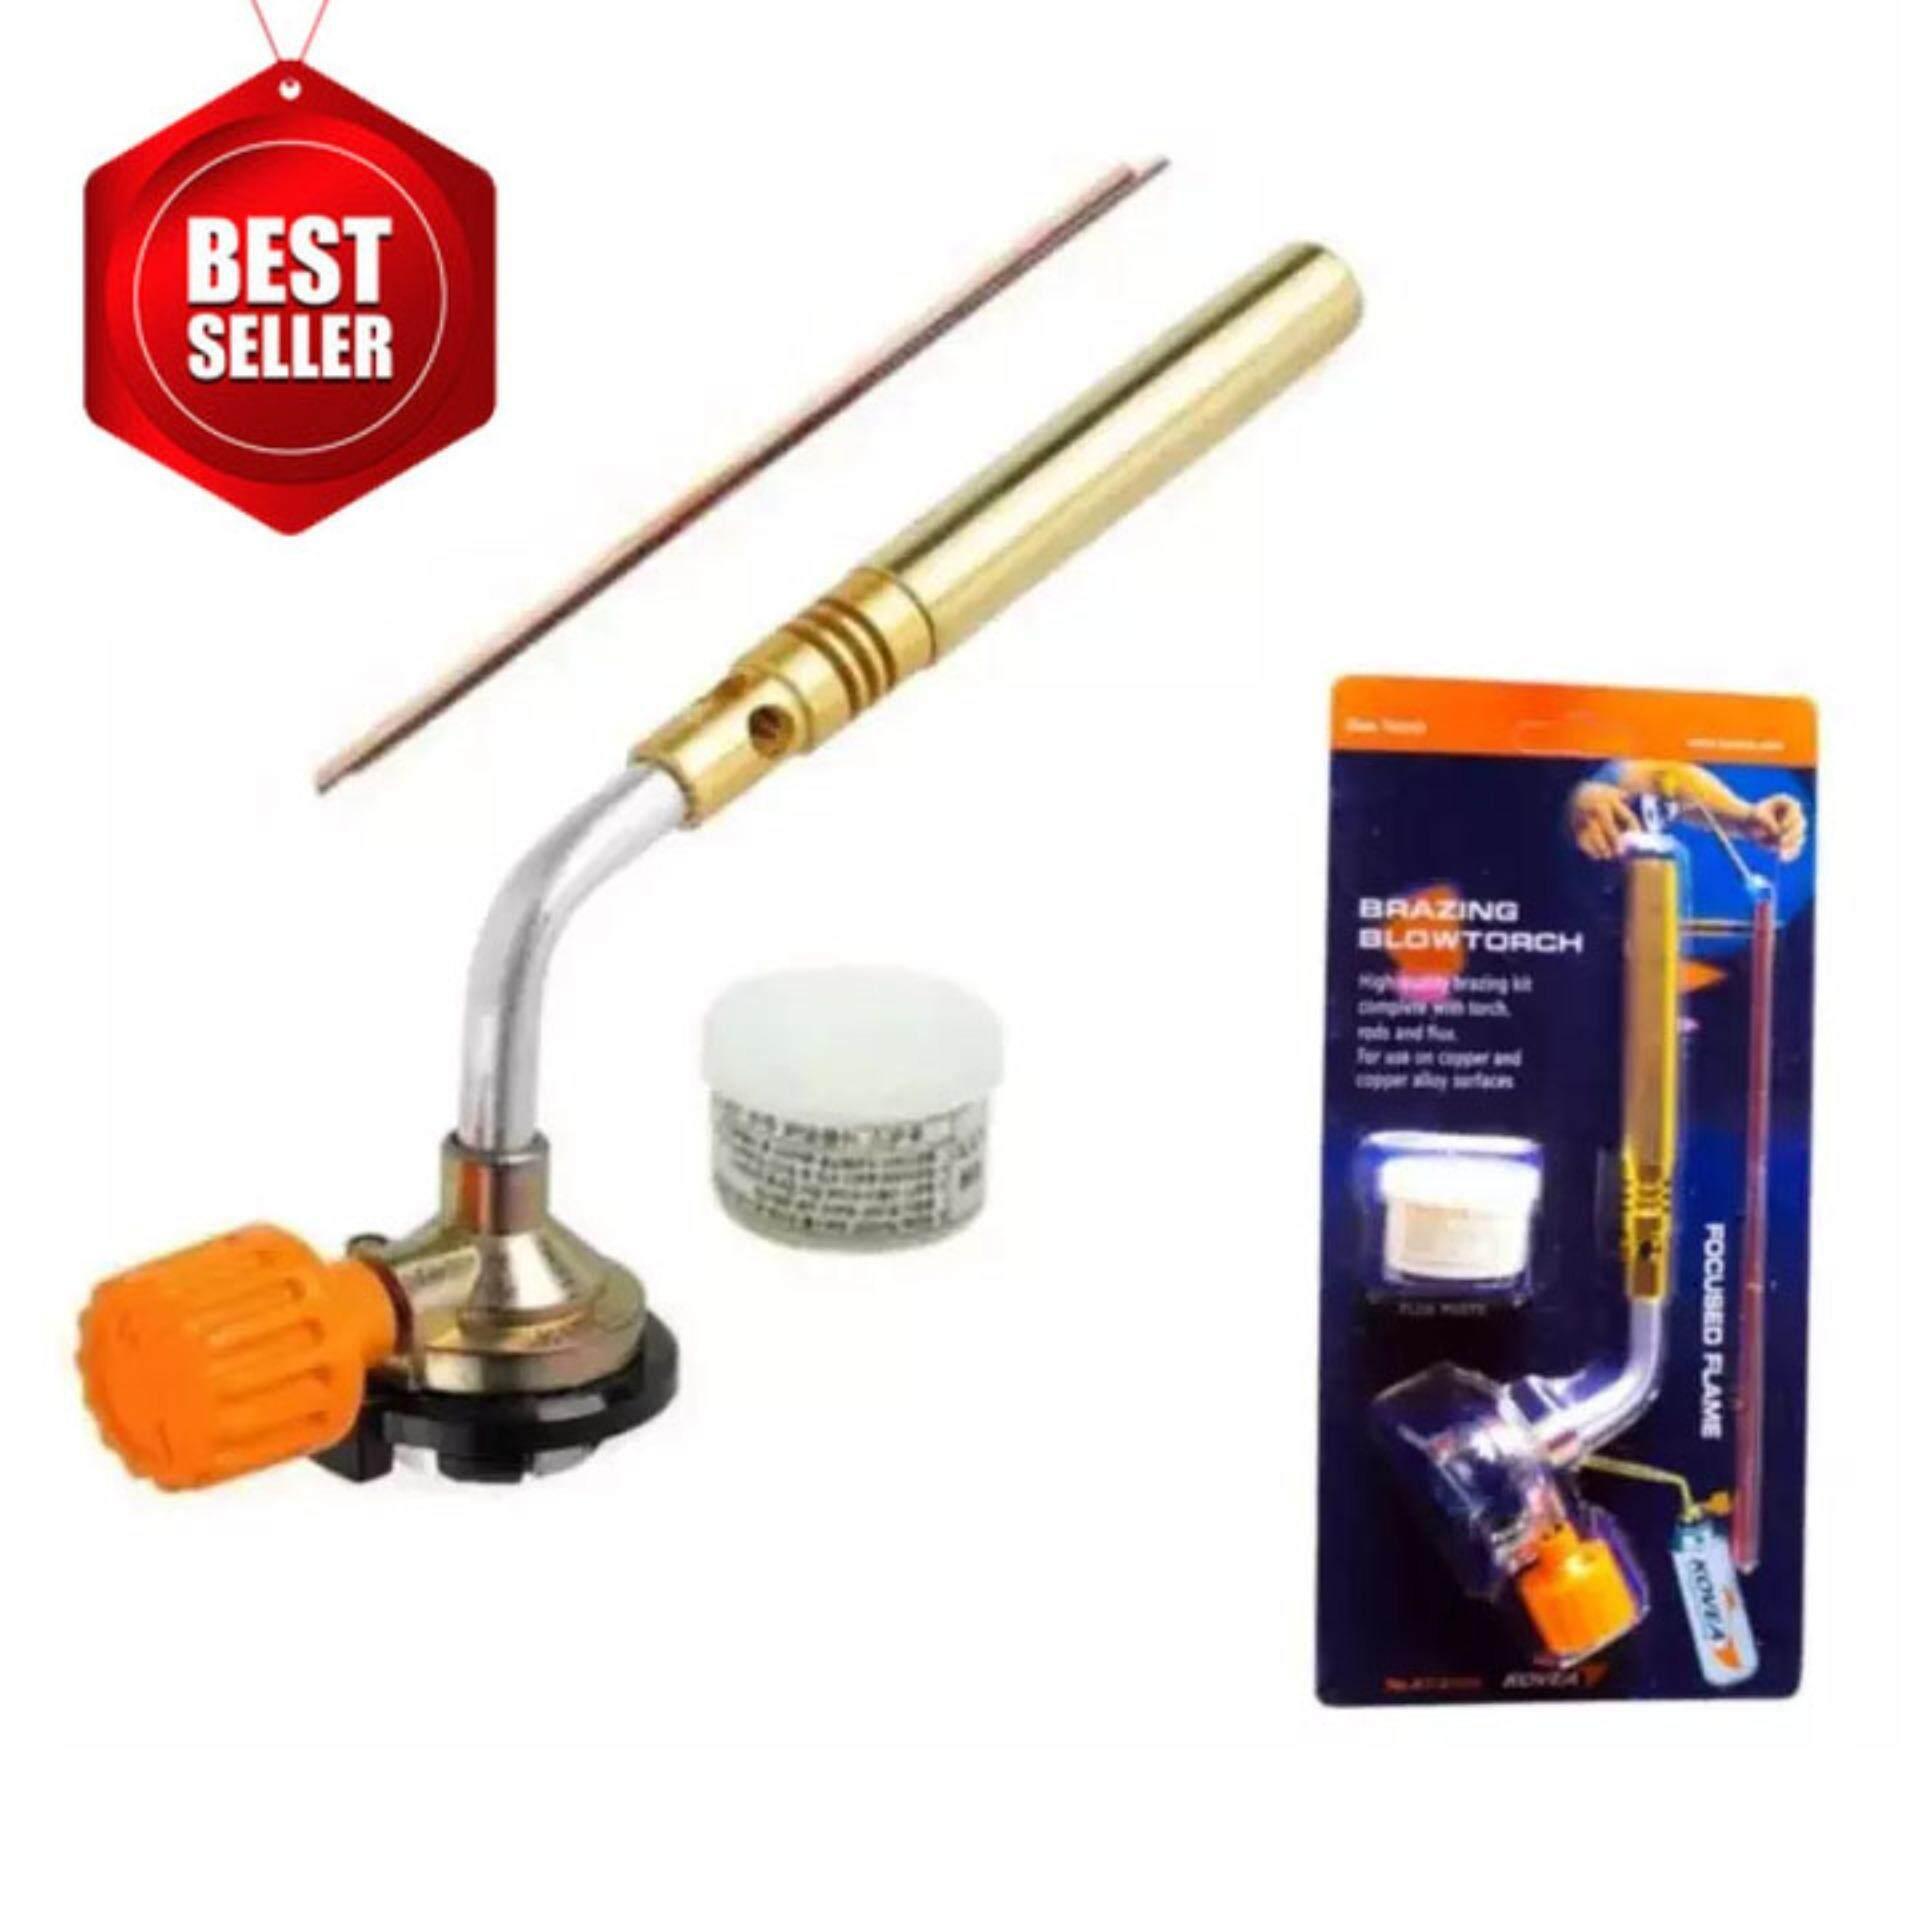 หัวพ่นไฟเอนกประสงค์ kovea  bbrazing gas torch kt-2104 หัวเชื่อมทองเหลือง เชื่อมท่อแอร์ เชื่อมท่อทอแดง สำหรับช่างแอร์ .